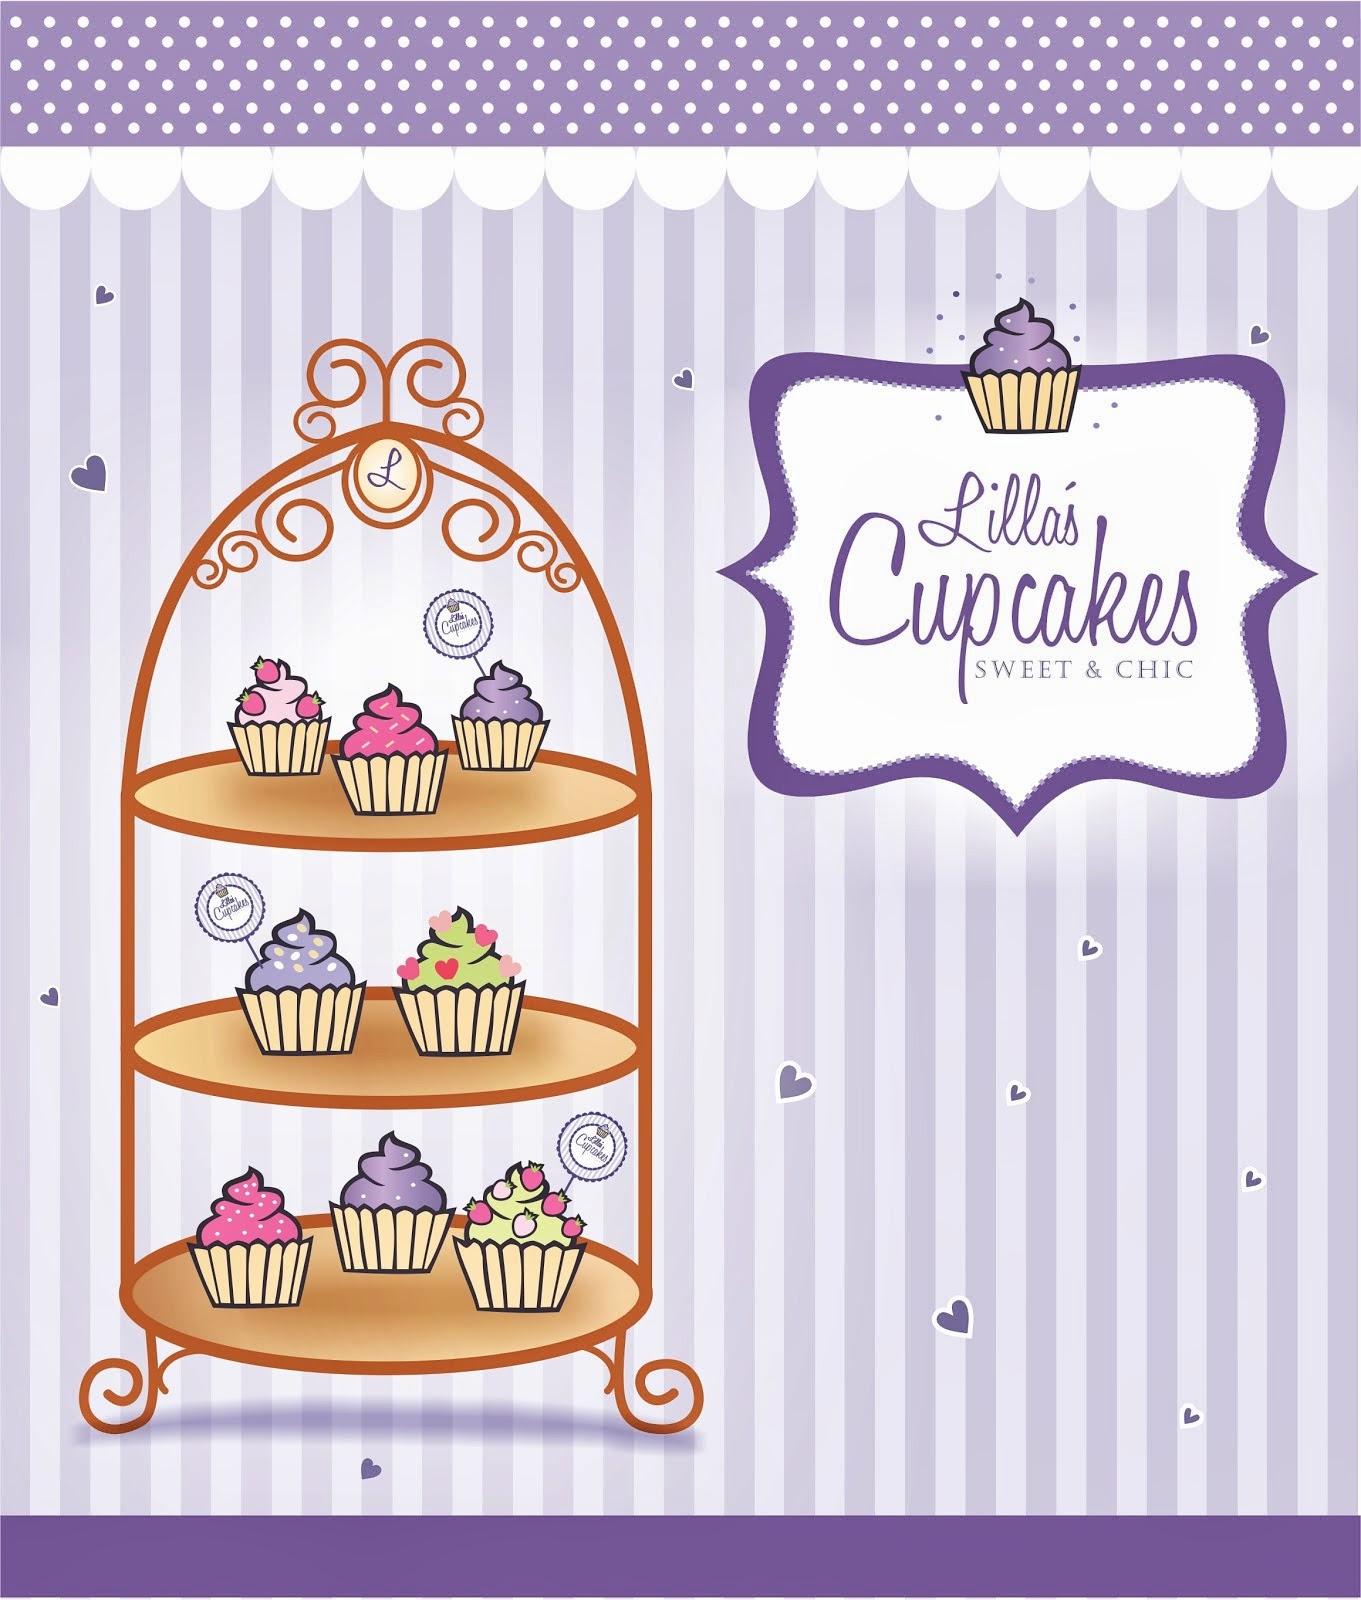 Lilla's Cupcakes